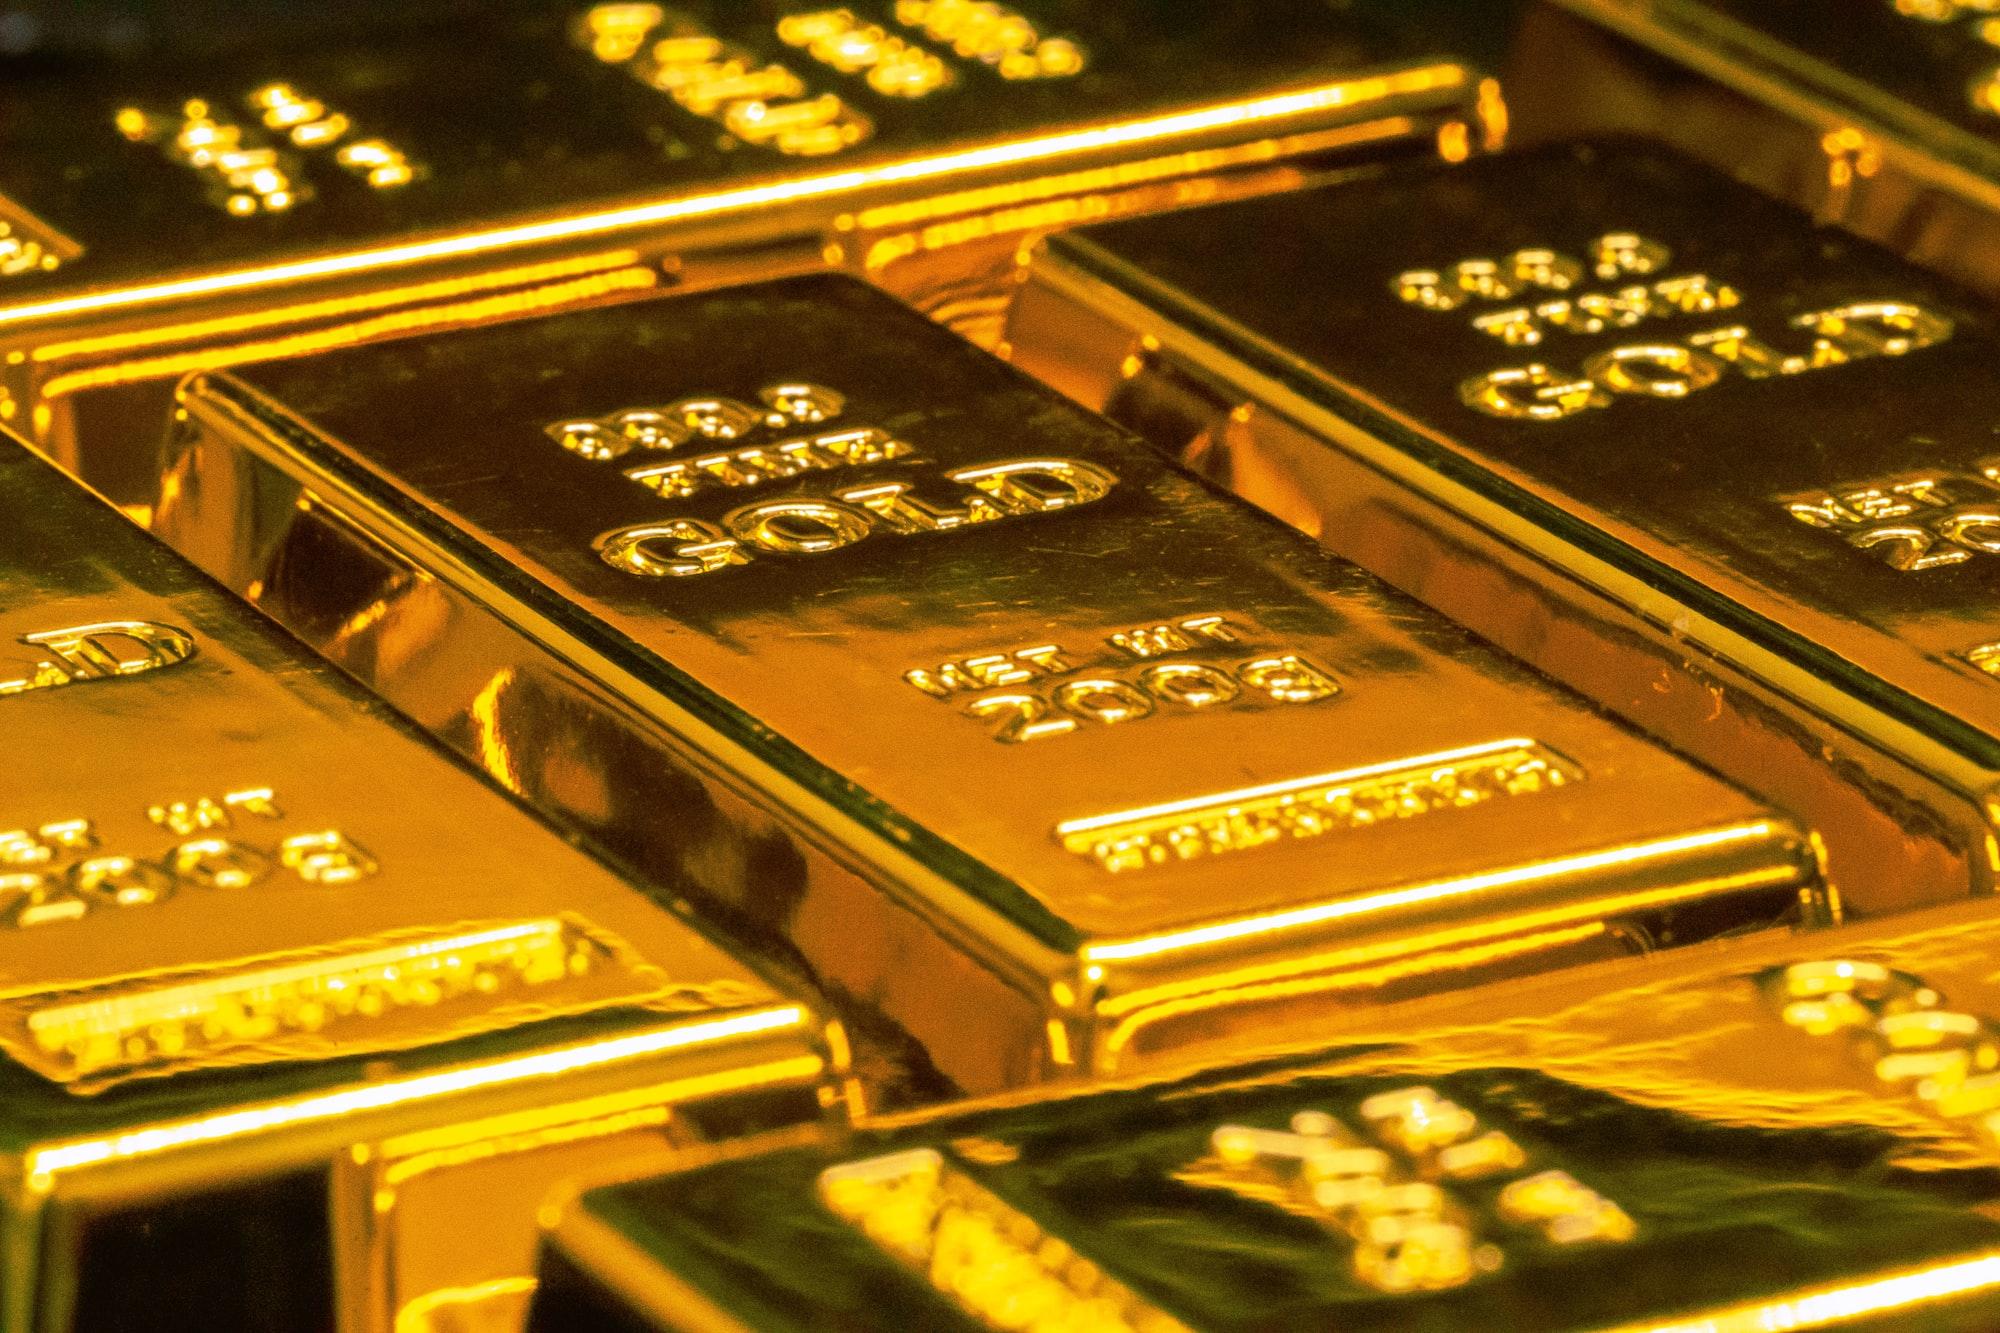 ทองคำพุ่งสู่จุดสูงสุดในรอบ 4 เดือนหลังจากตลาด Crypto ร่วง